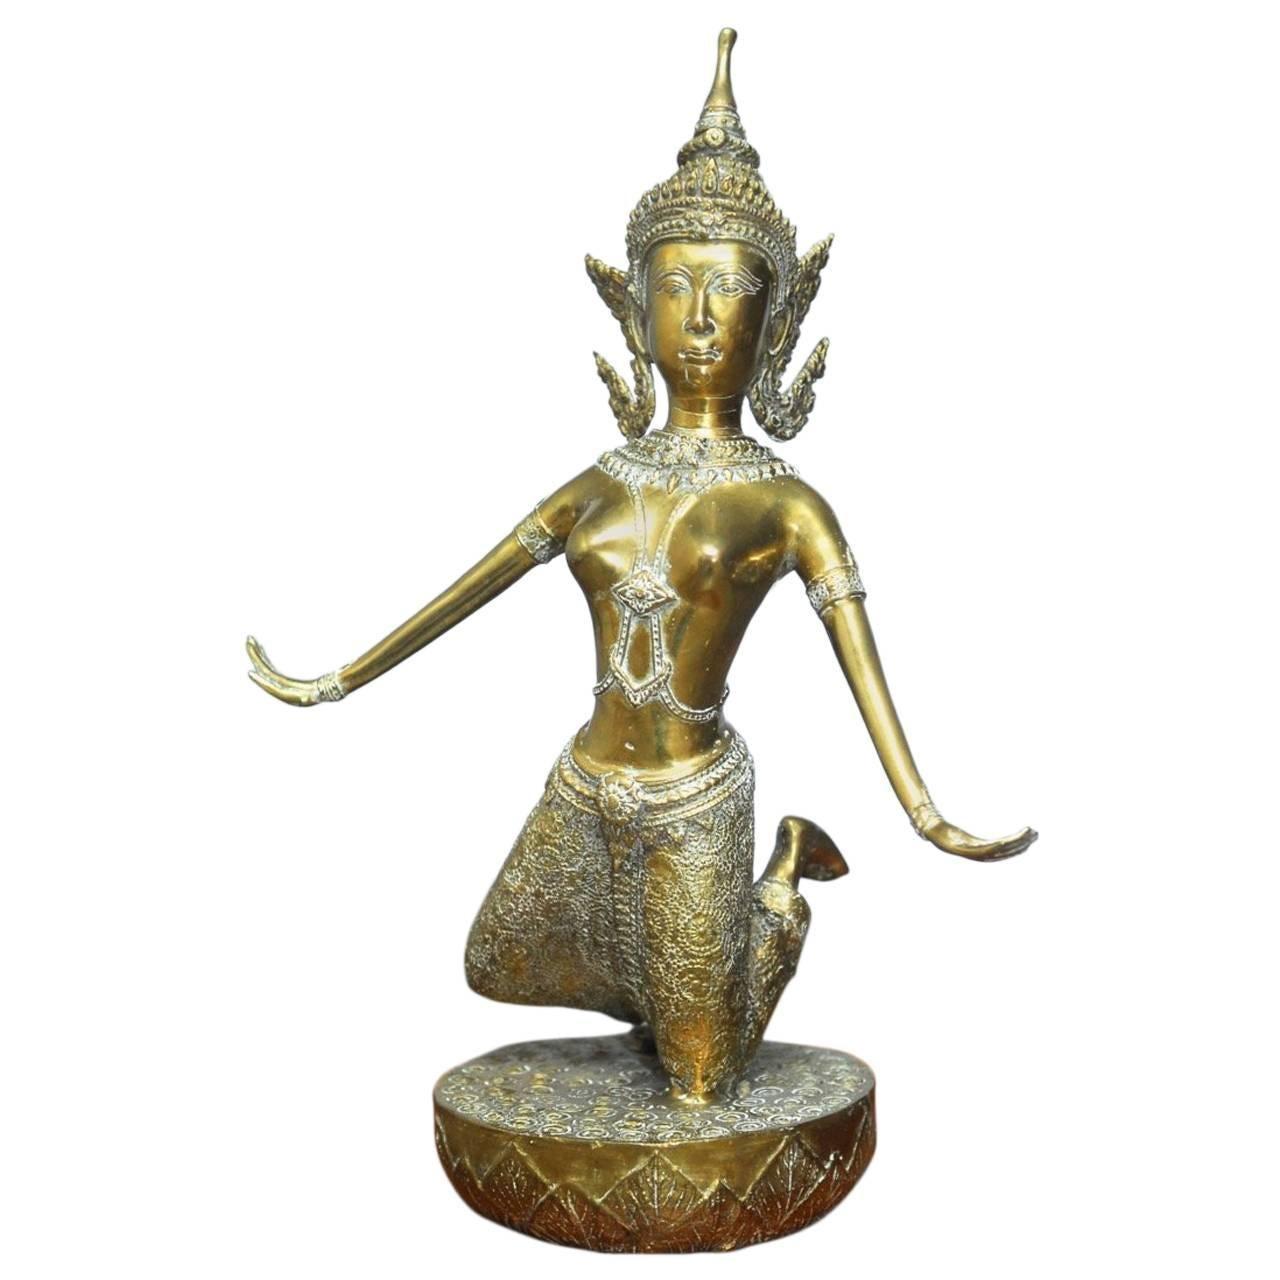 Thai Gilt Bronze Buddhist Figure of Khon Dancer